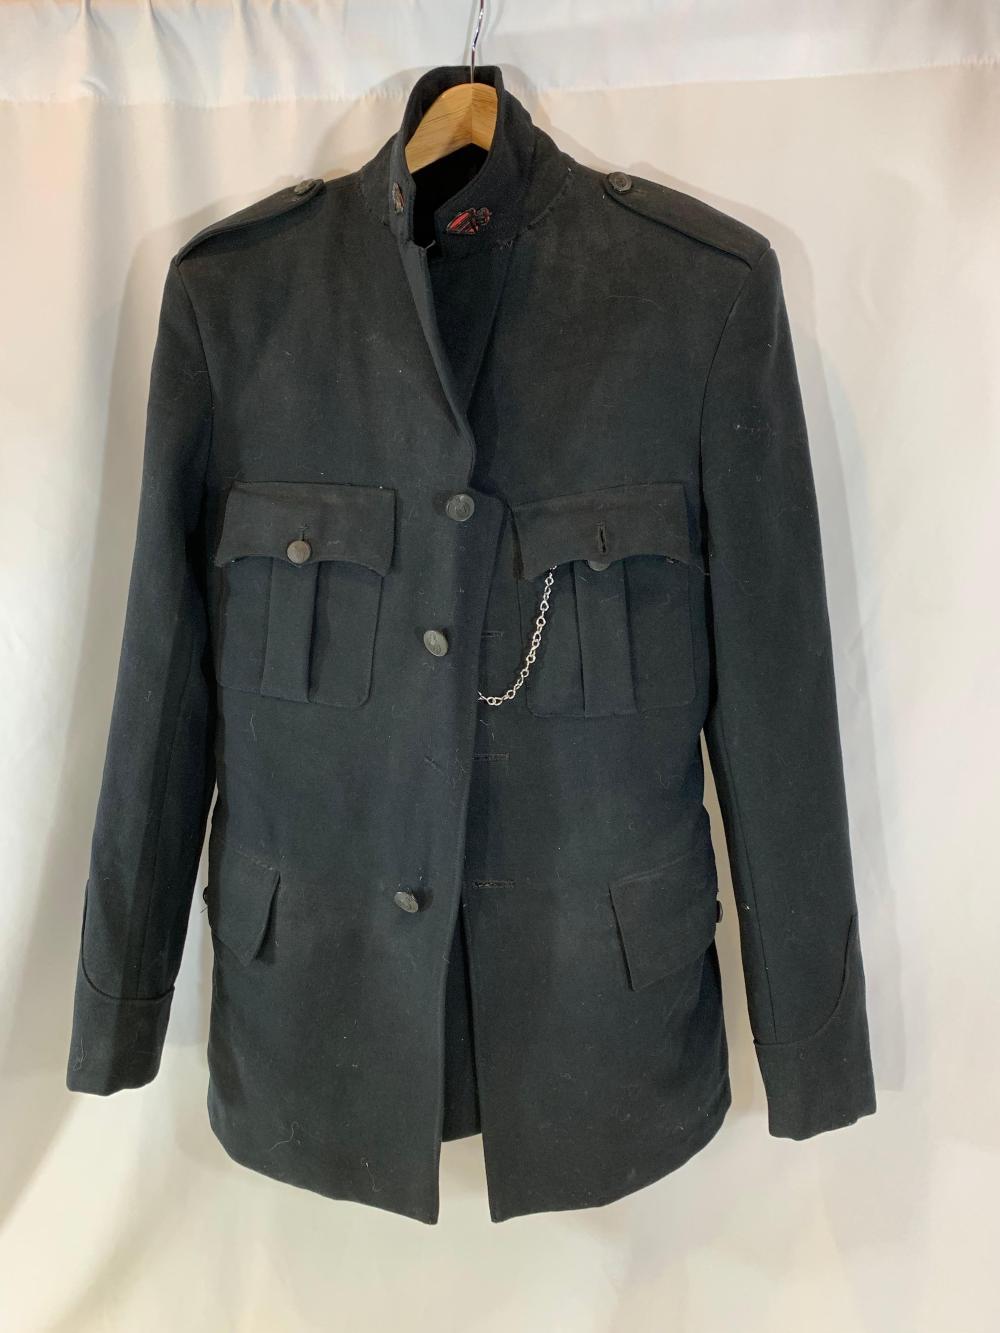 Royal Irish Constabulary Police Uniform